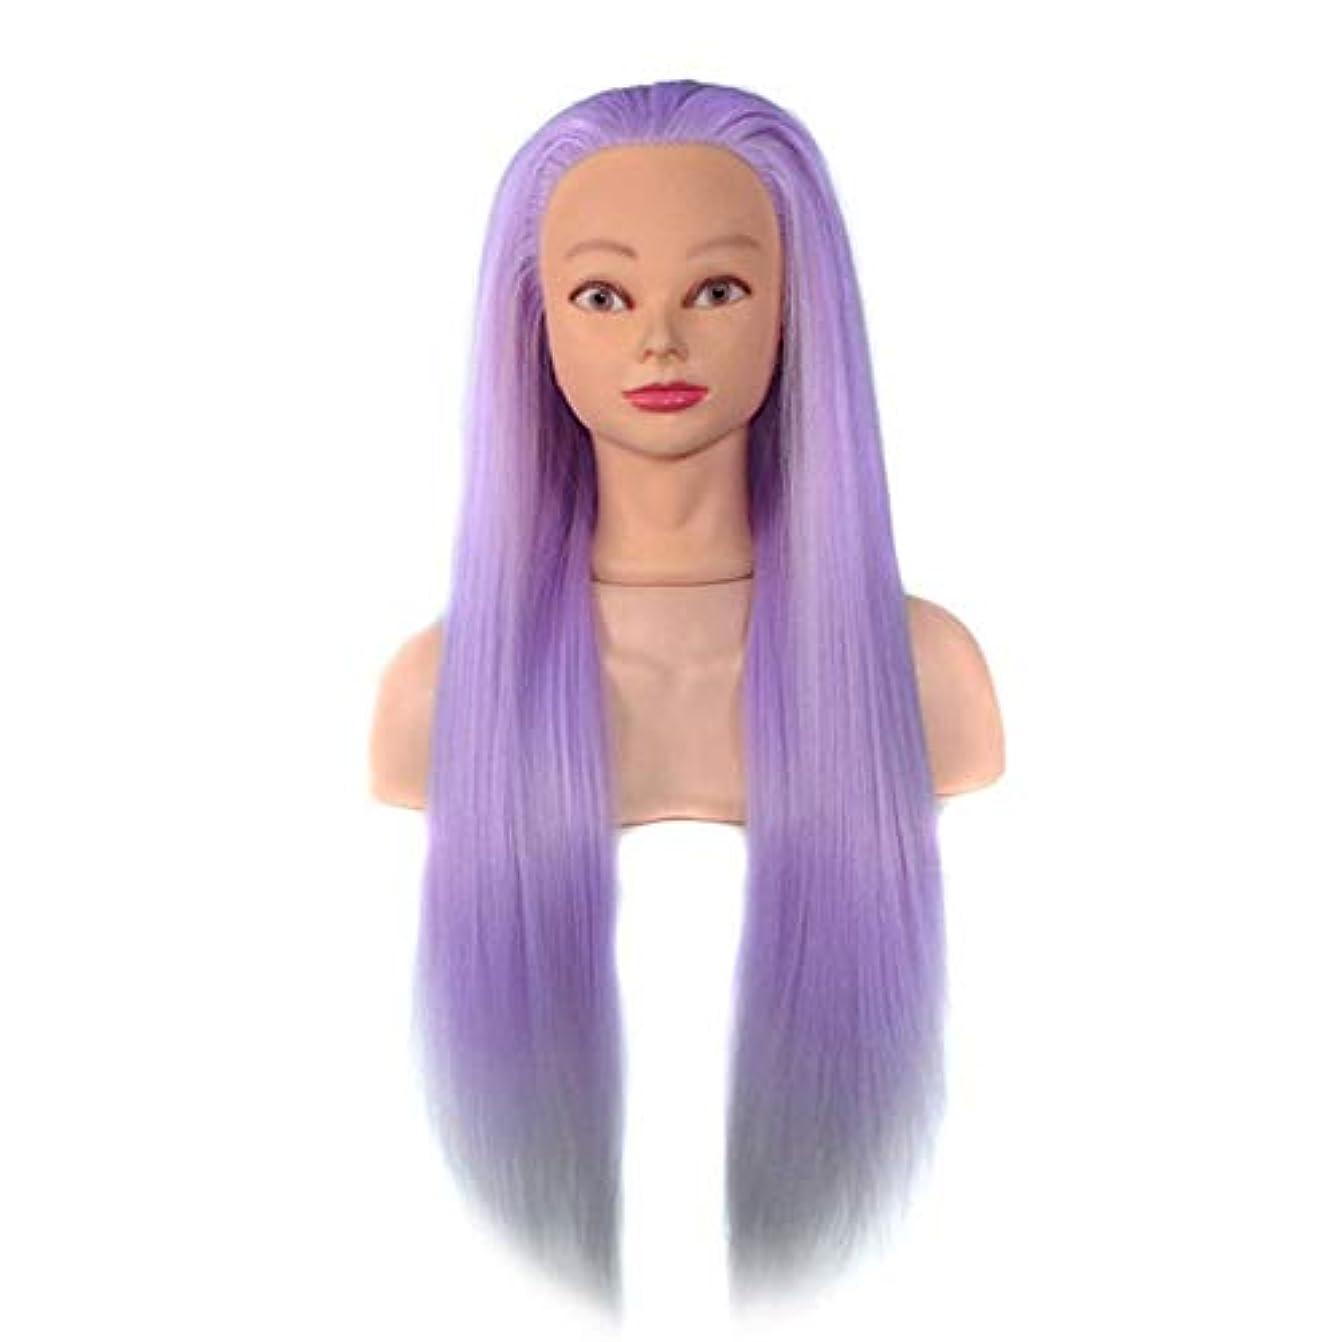 出くわす脊椎まぶしさヘアサロンスタイリング練習ヘッドモデル美容院高温シルク花嫁編組トレーニングヘッド人体モデル人形モデル60センチ,Purple